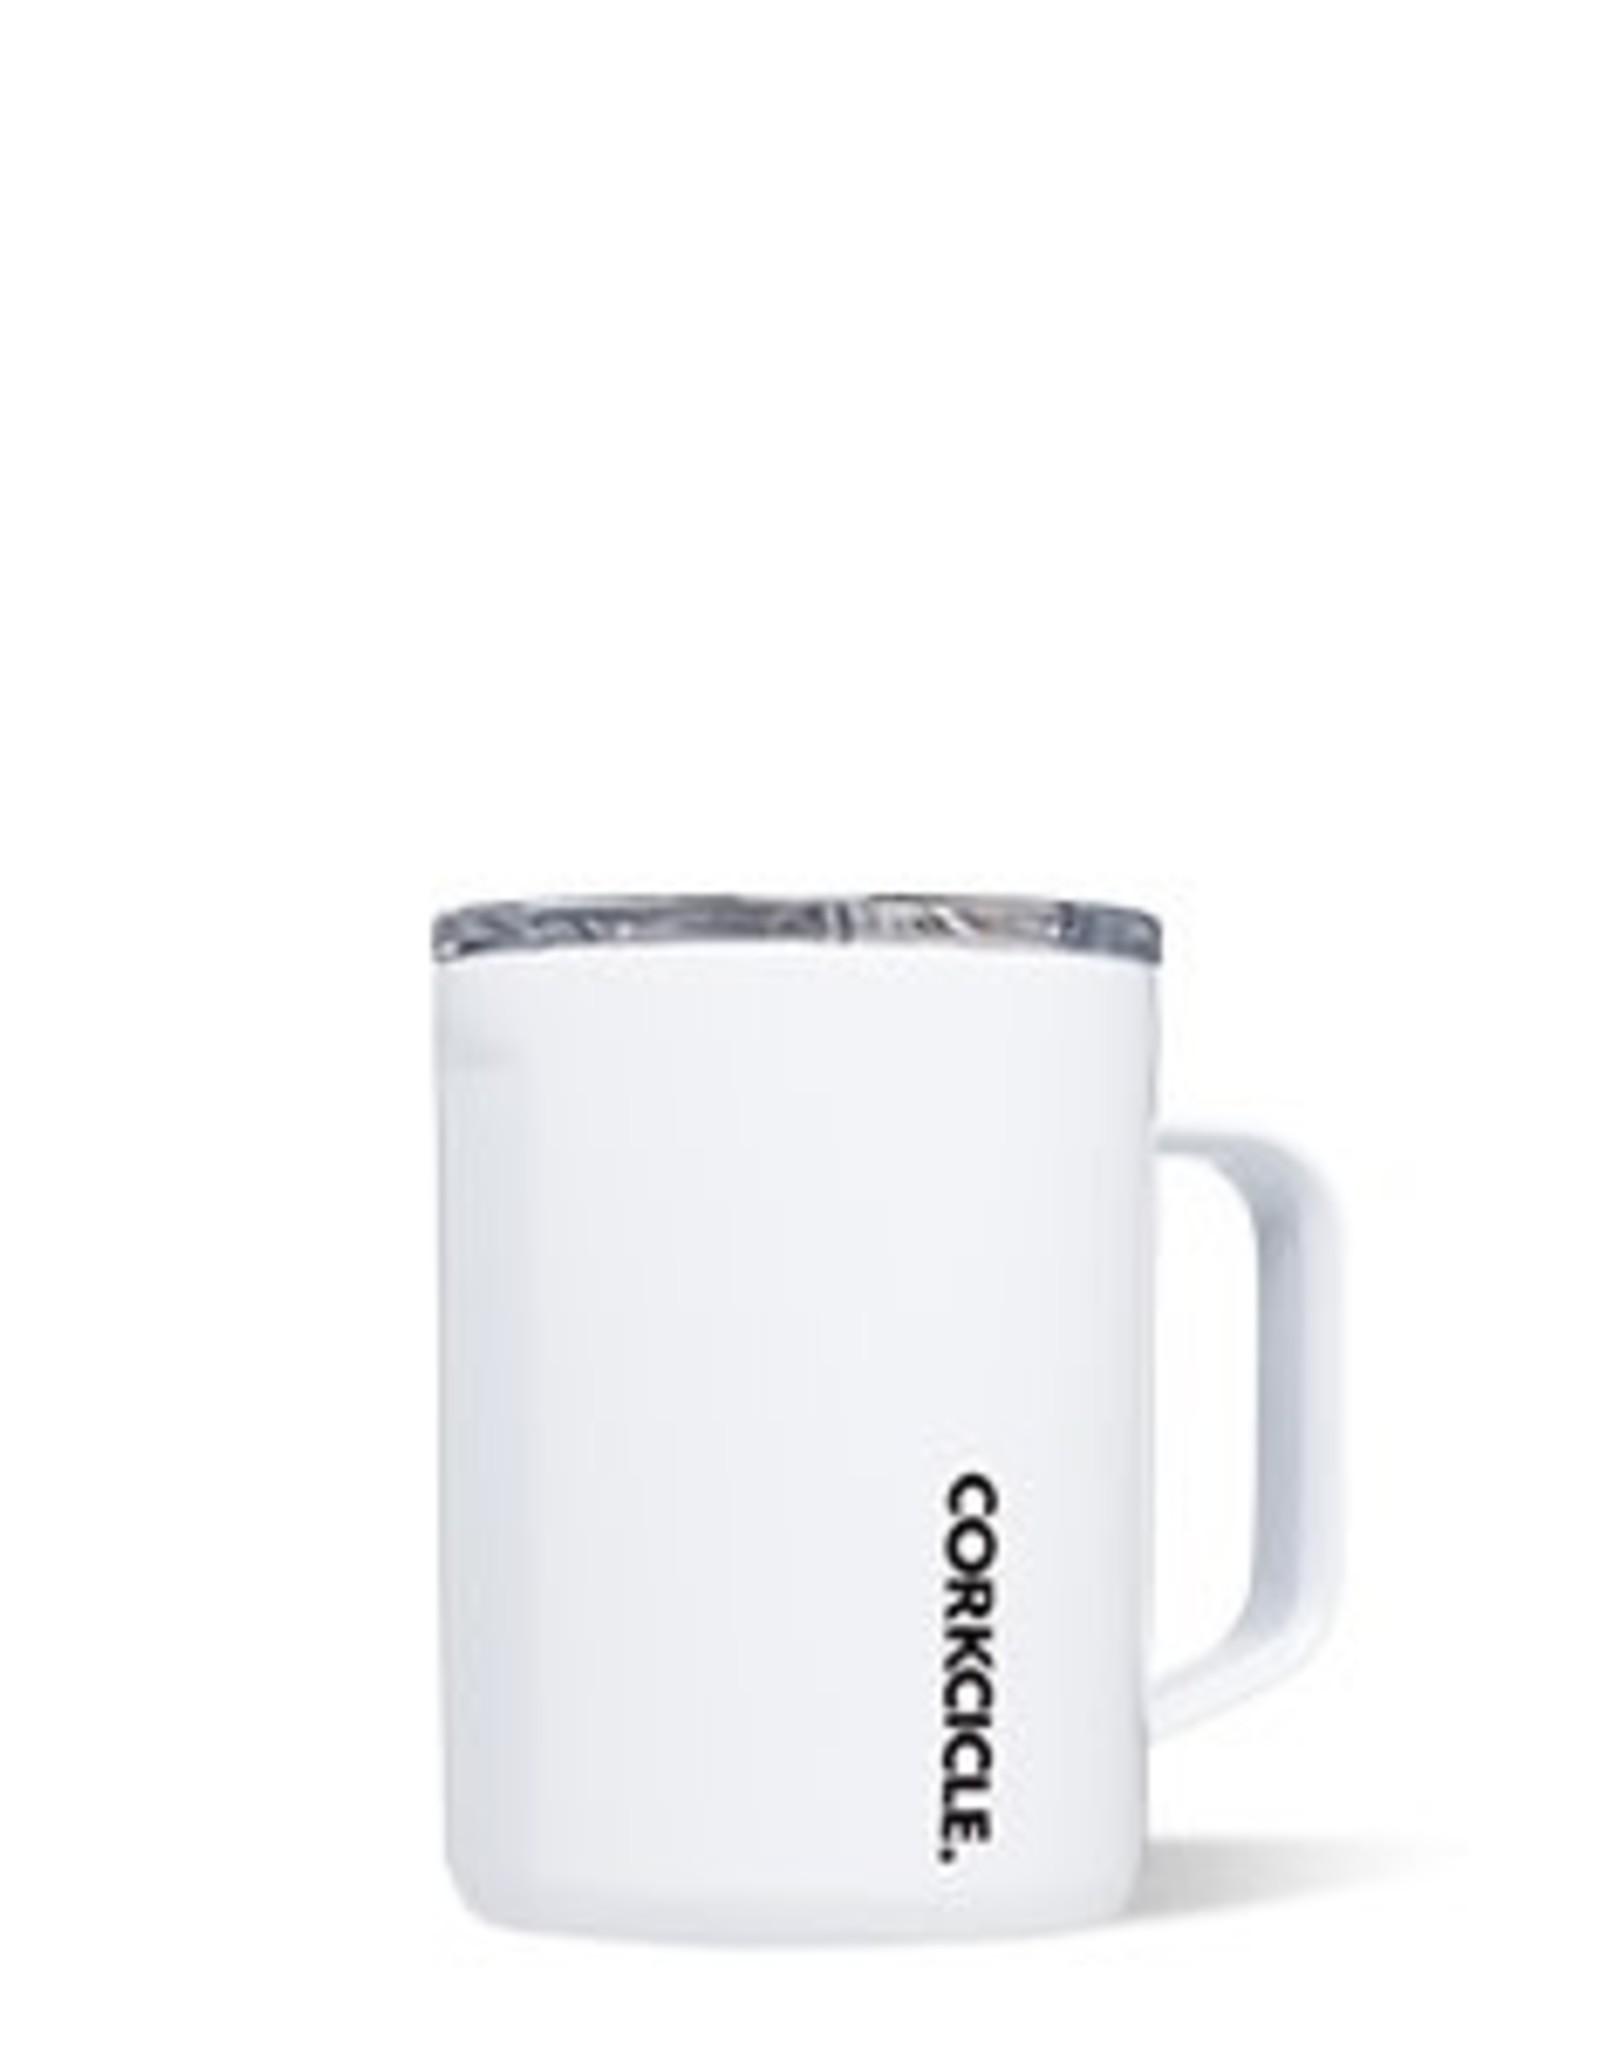 Corkcicle Mug- 16oz Gloss White